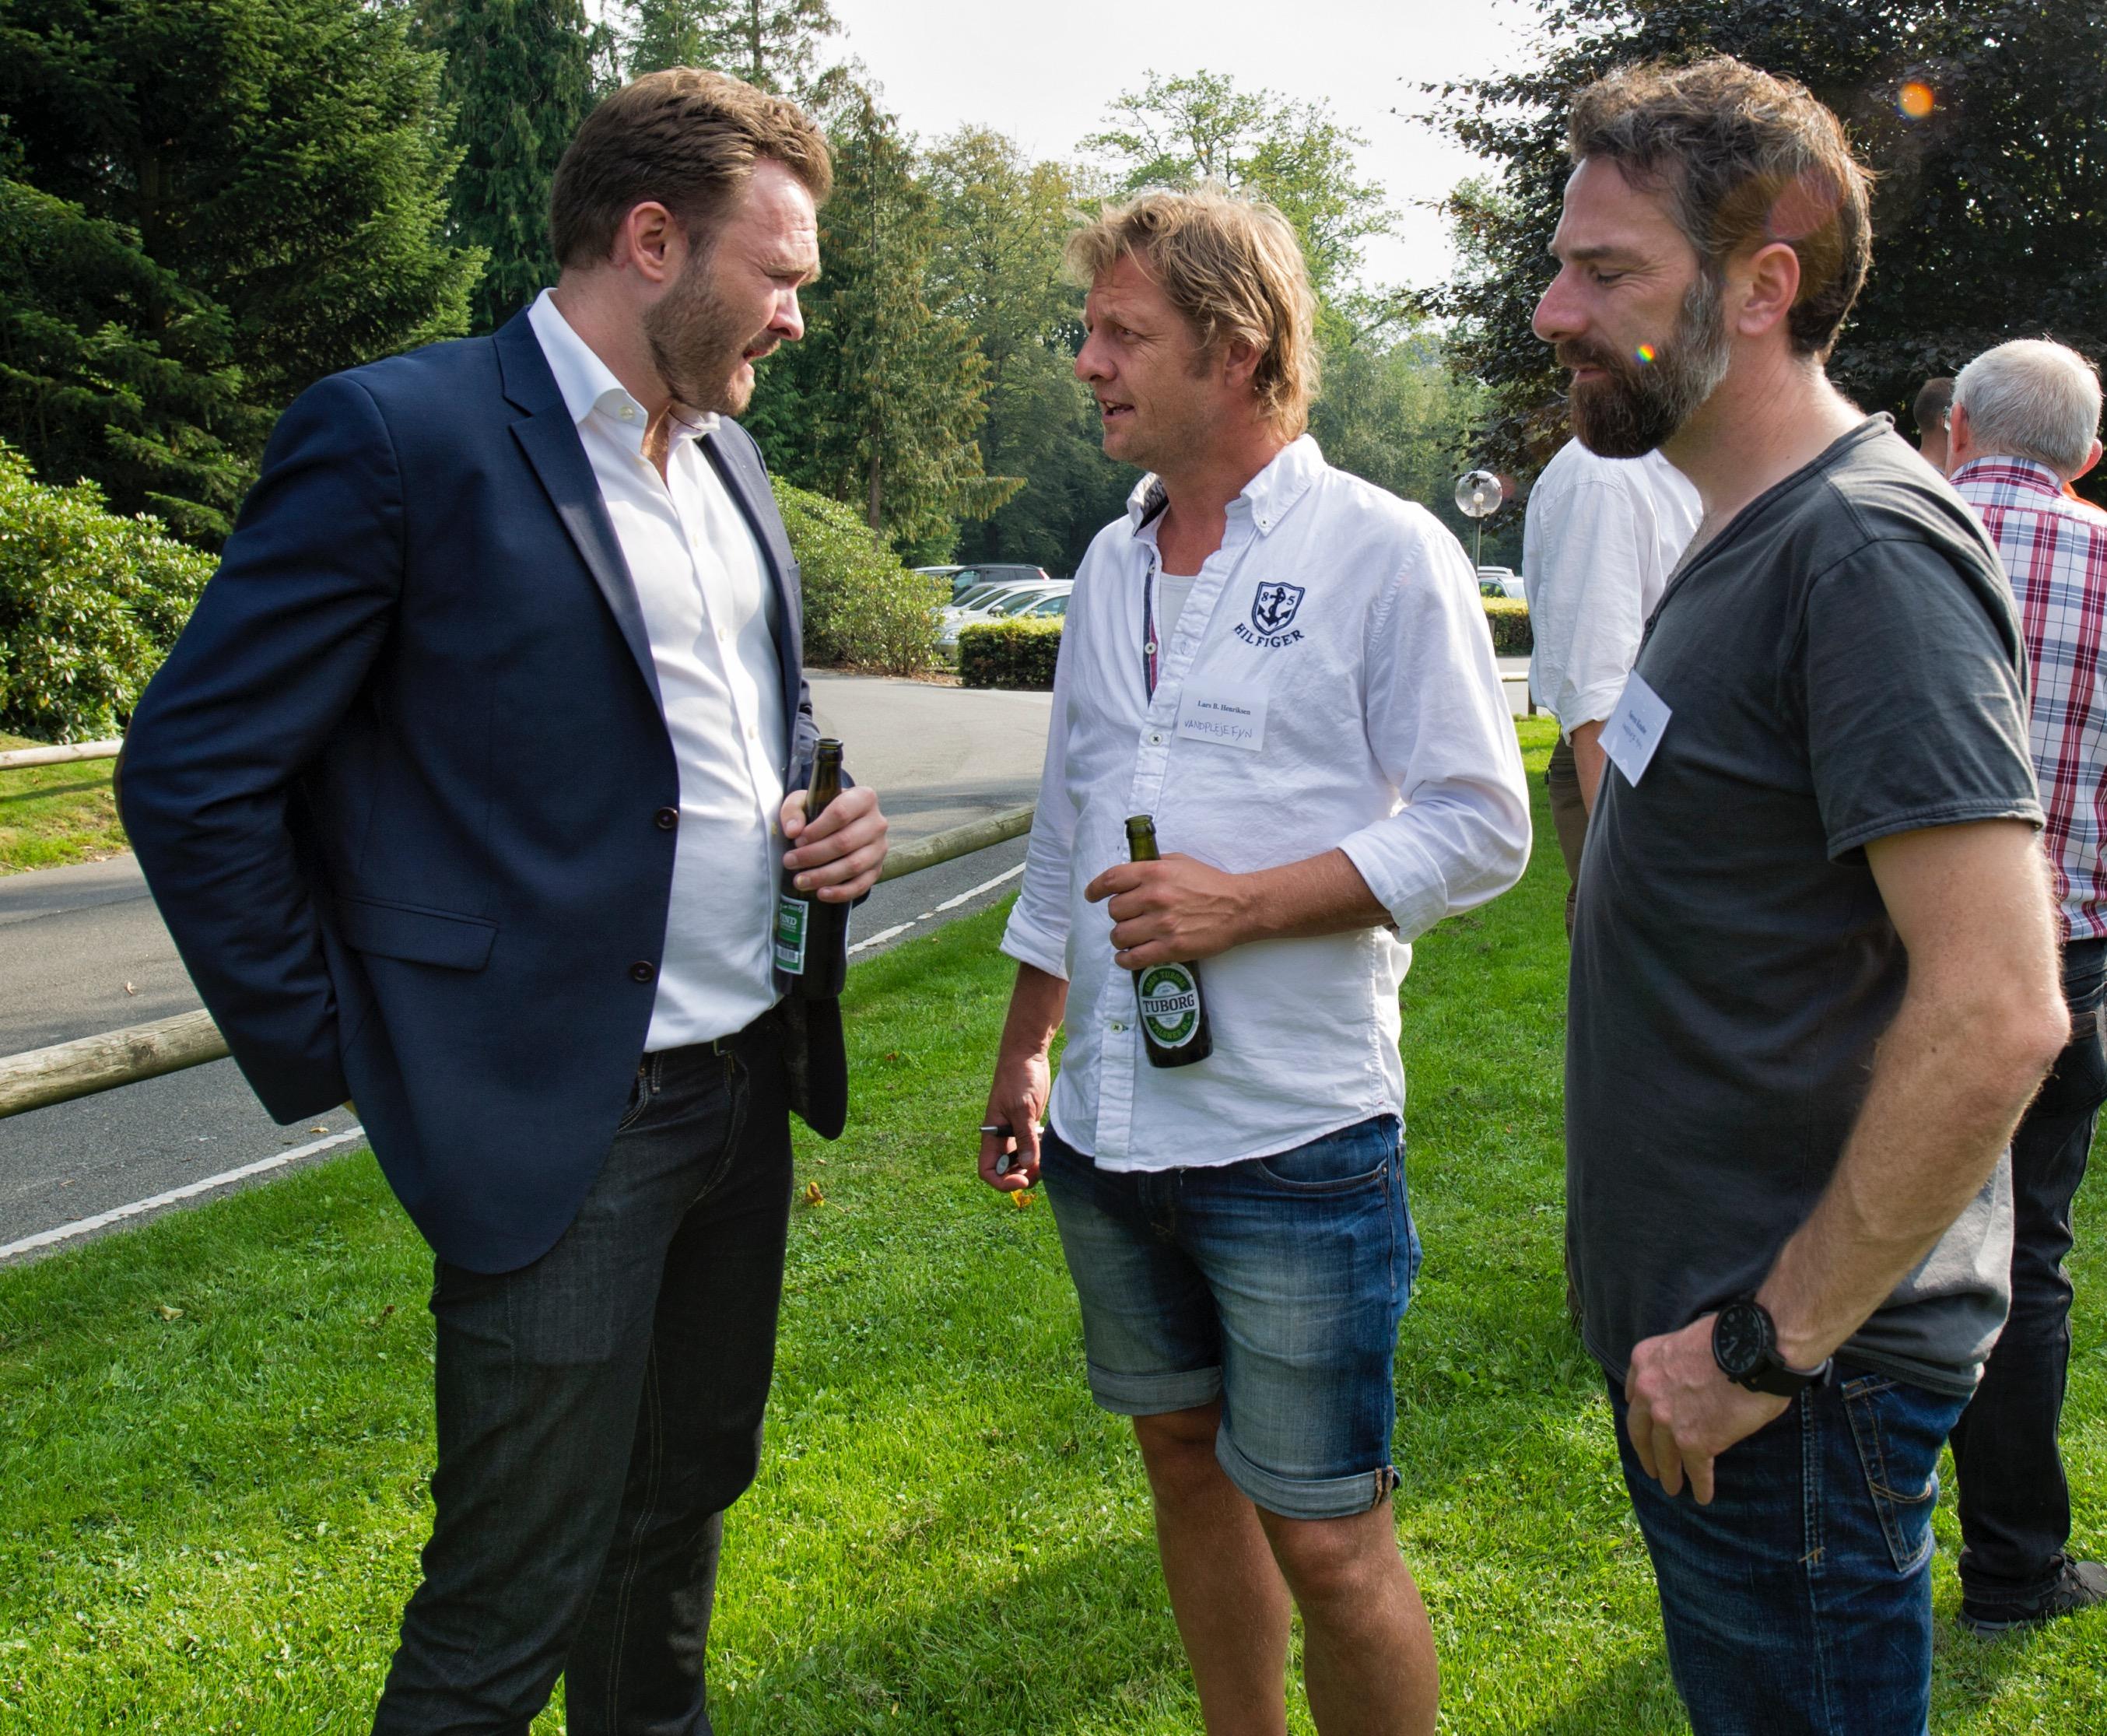 Dan Jørgensen får en god snak efter konferencen med folkene fra Vandpleje Fyn.